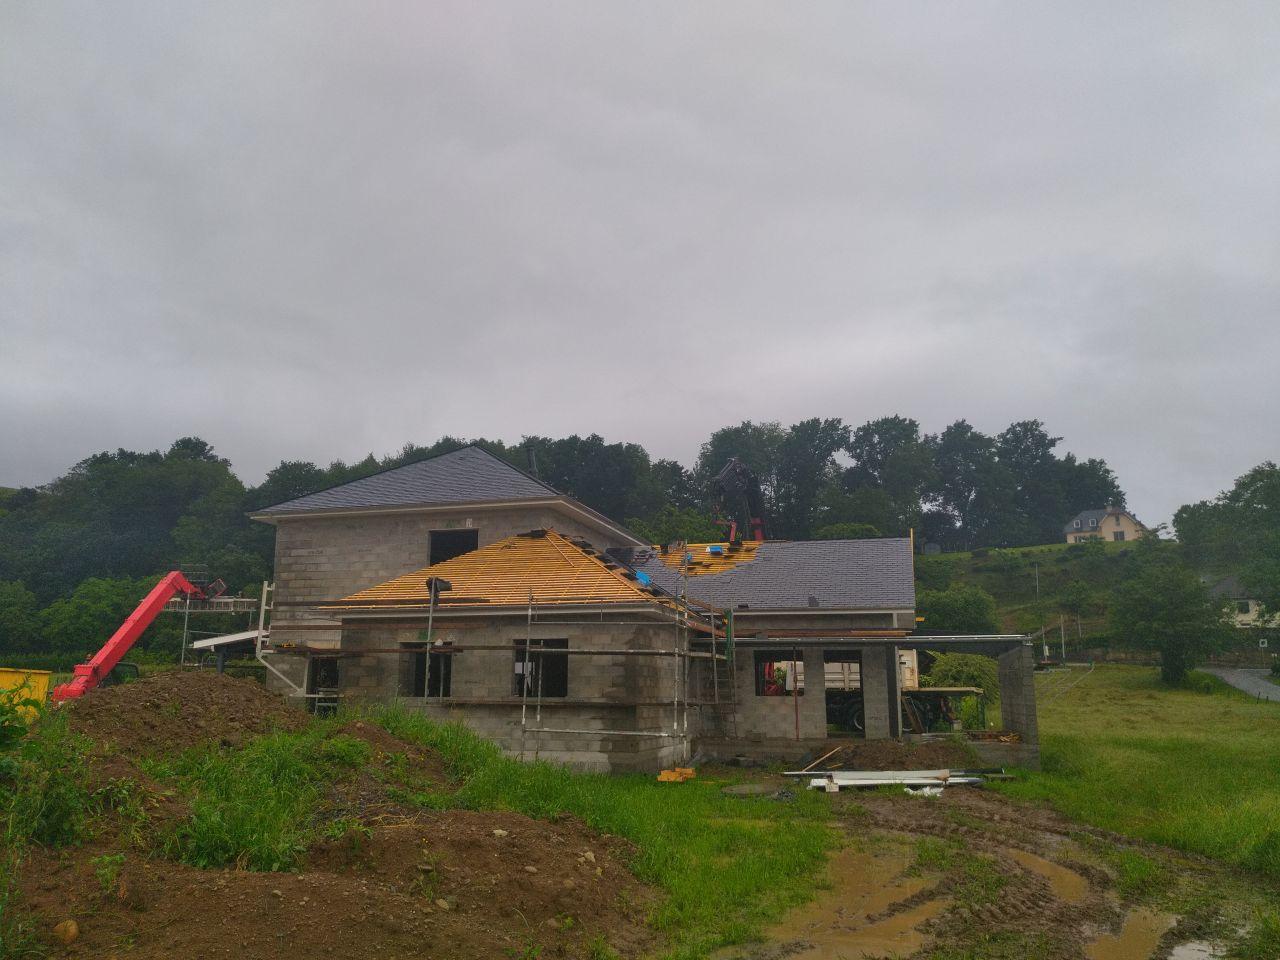 Couverture ardoise de l'habitation